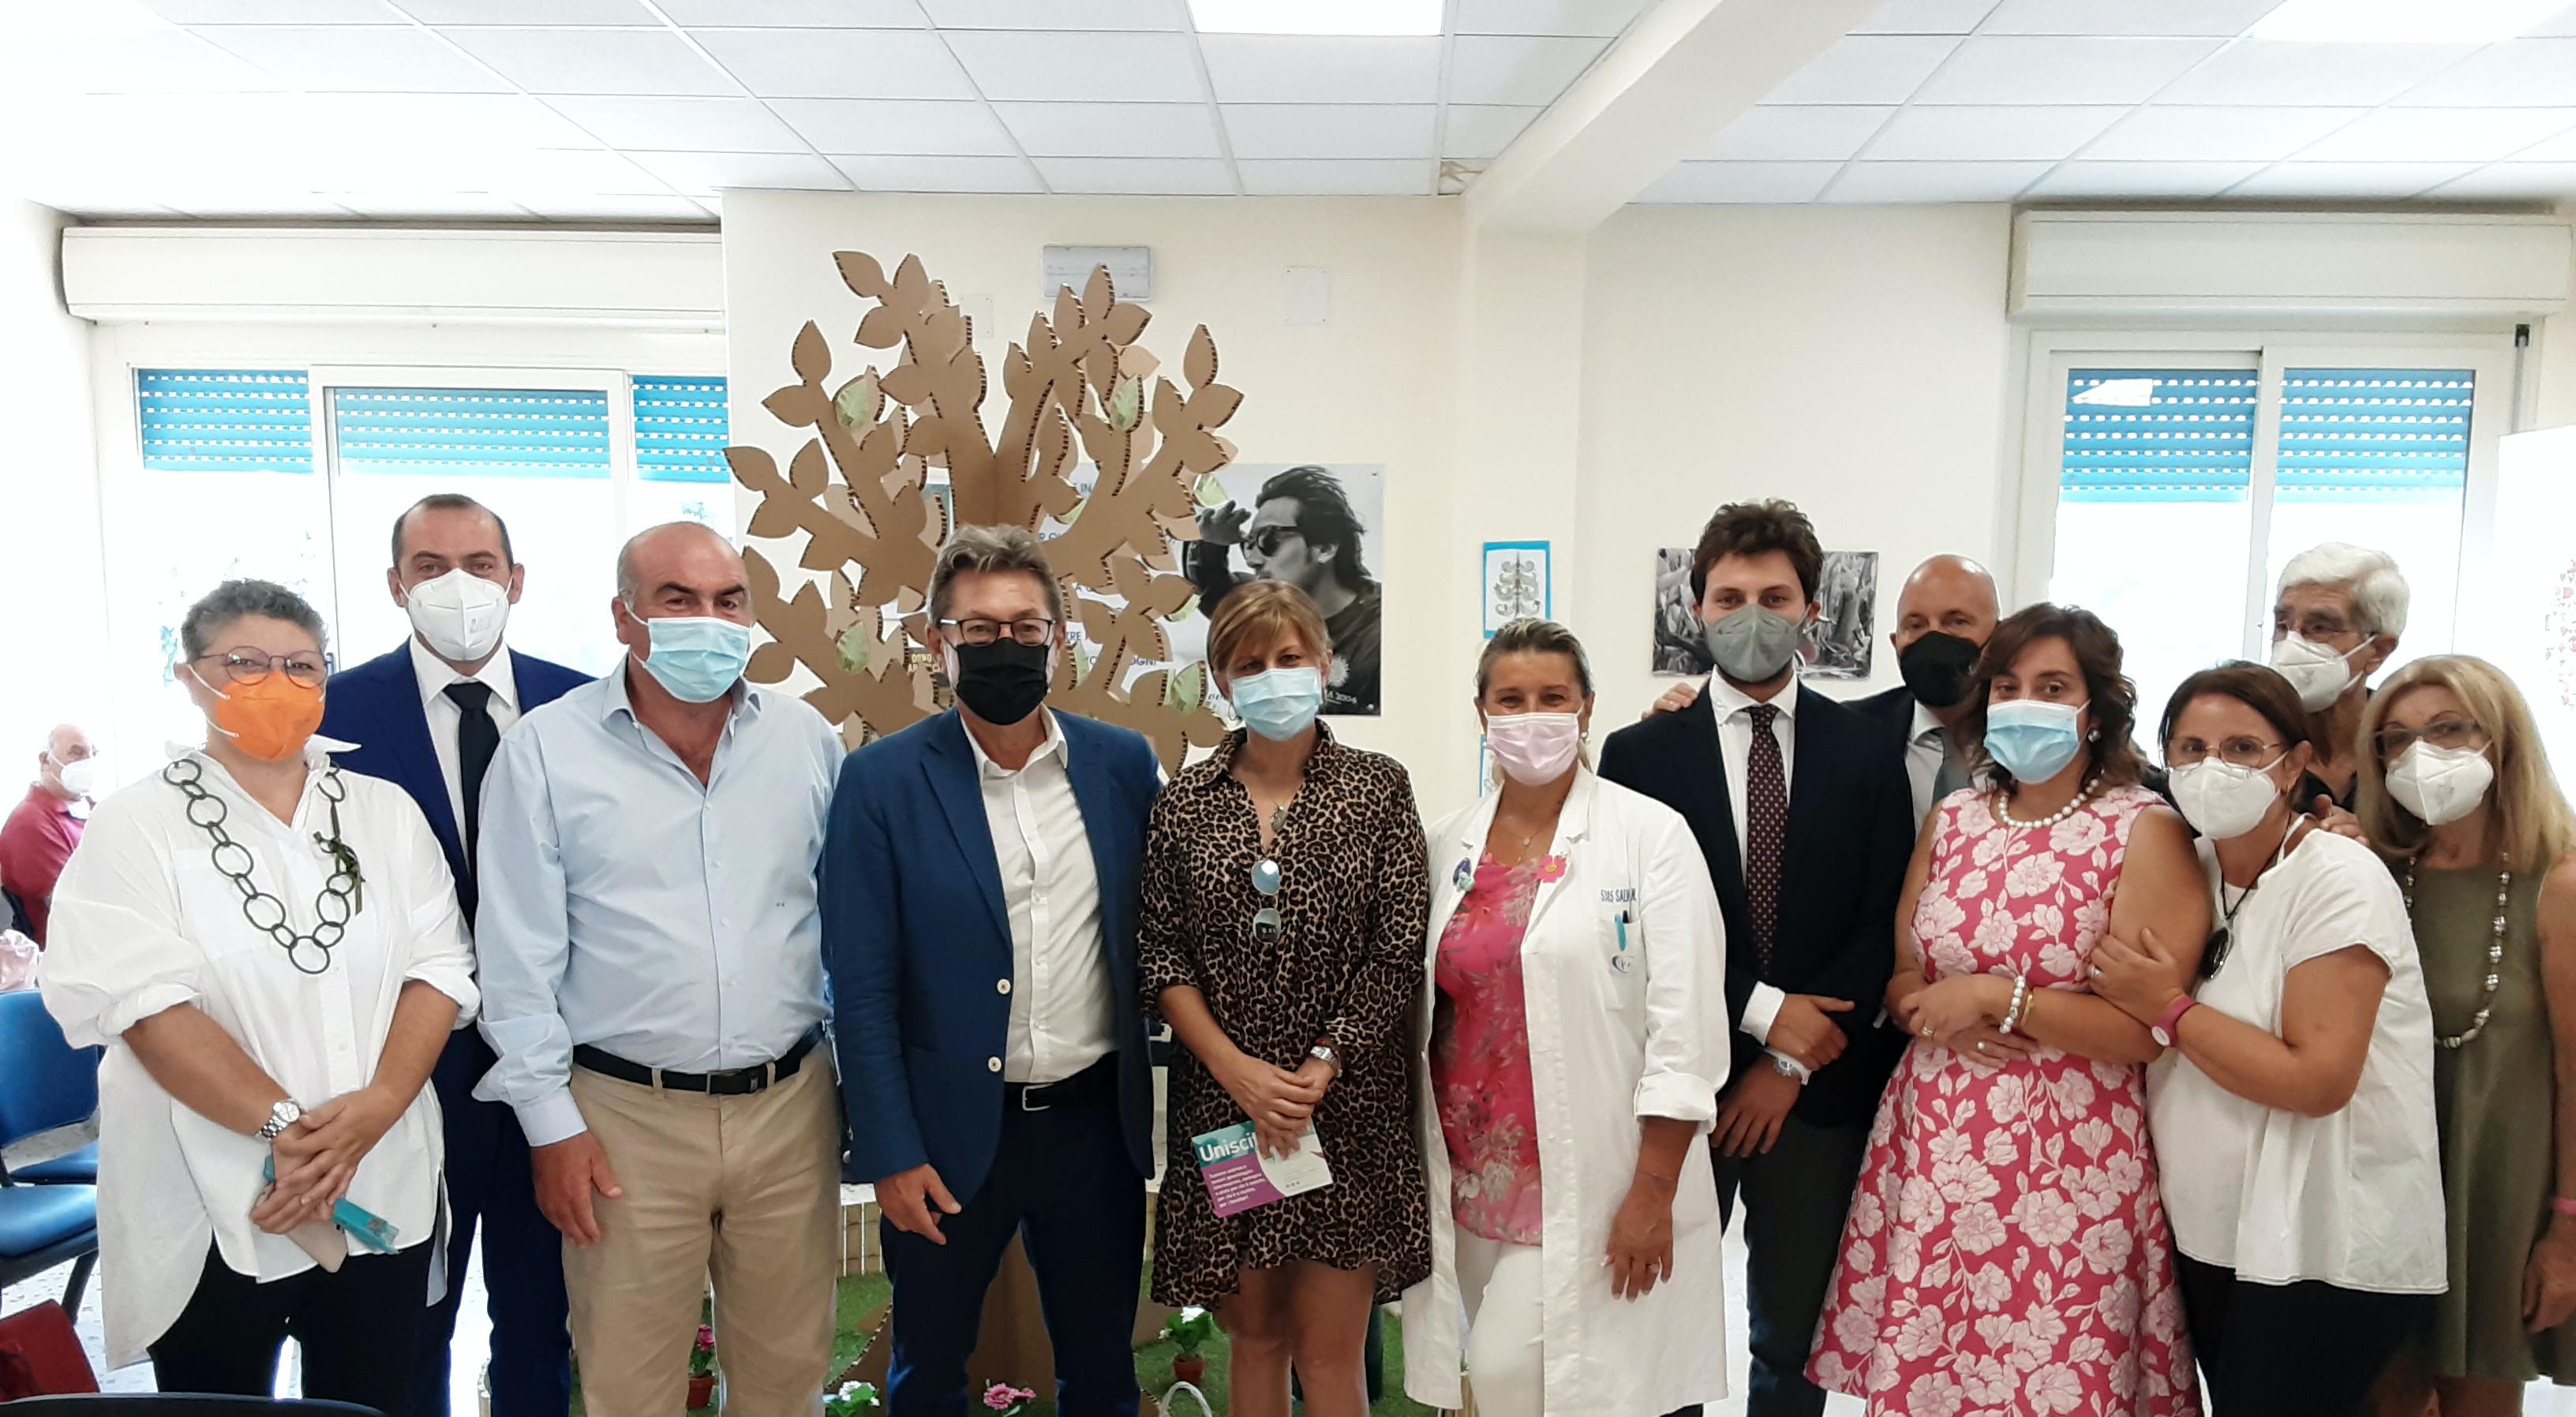 """Palermo, Associazione Acto Sicilia: installato all'ospedale Civico  """"L'albero  delle idee"""""""